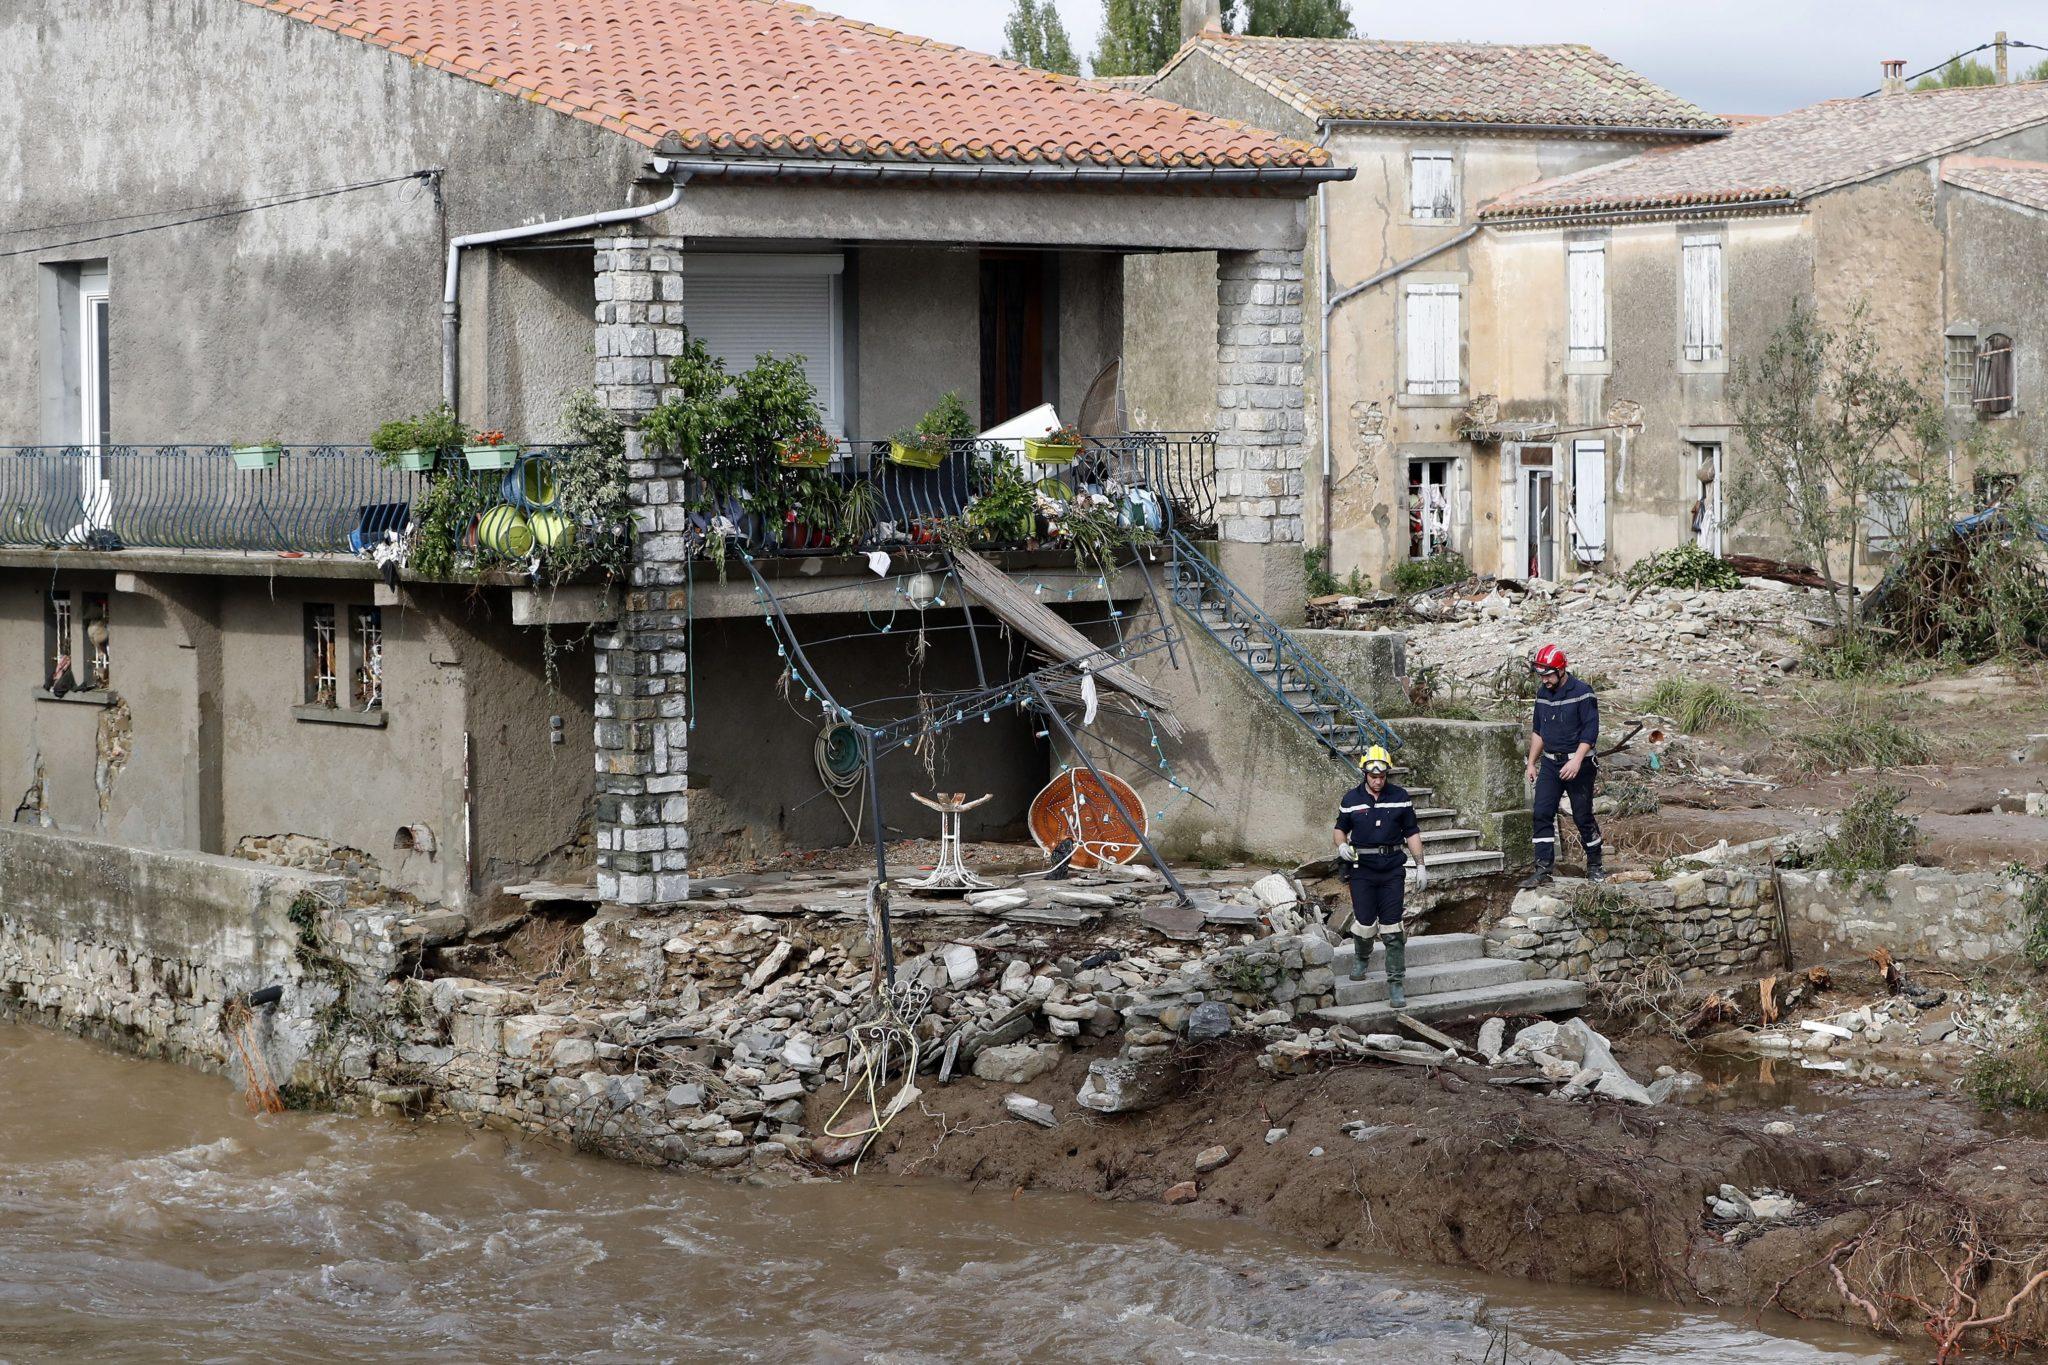 Władze powiadomiły, że prewencyjnie - z powodu ryzyka przepełnienia się zapory - ewakuowano ok. 1000 ludzi w gminie Pezens w departamencie Aude. W tym regionie, jak twierdzą władze, w ciągu jednej nocy spadło tyle deszczu, co zazwyczaj w ciągu siedmiu miesięcy,  fot. Guillaume Horcajuelo, PAP/EPA